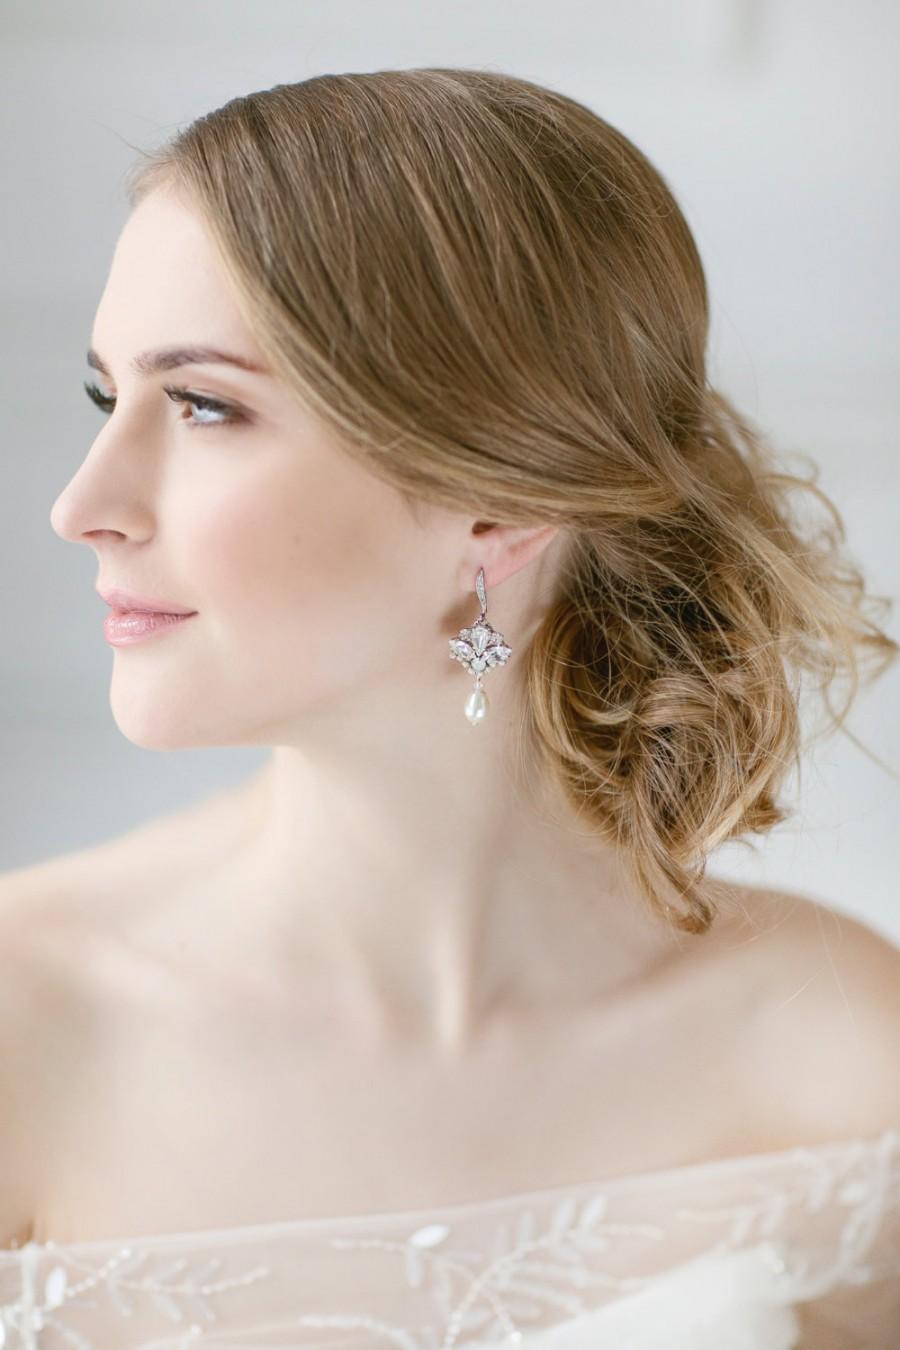 Mariage - Bridal Earrings , Wedding Pearl Earrings, Bridal Jewelry , Dangle Pearl Earrings , Teardrop Earrings ,White Opal Swarovski Earrings, Vintage